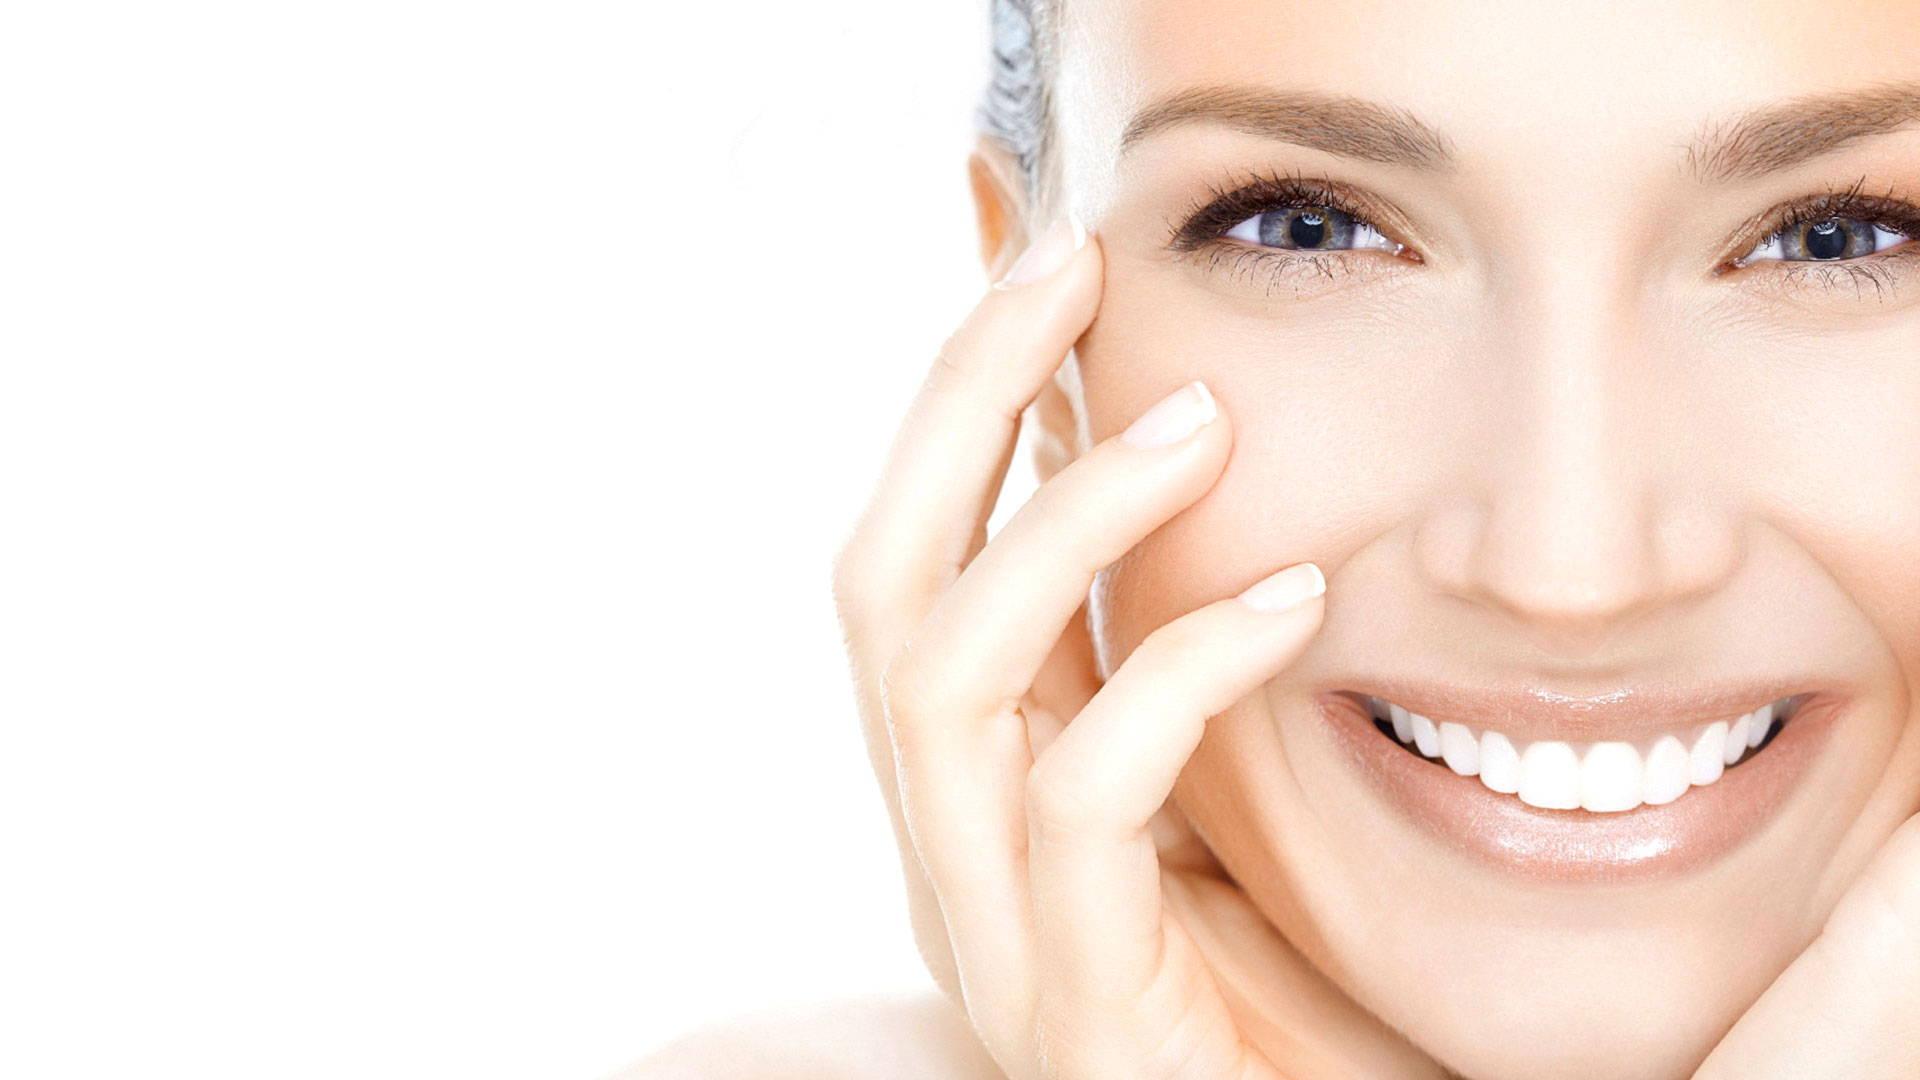 pour en savoir plus sur la cosmétique positive, cliquez ici>>